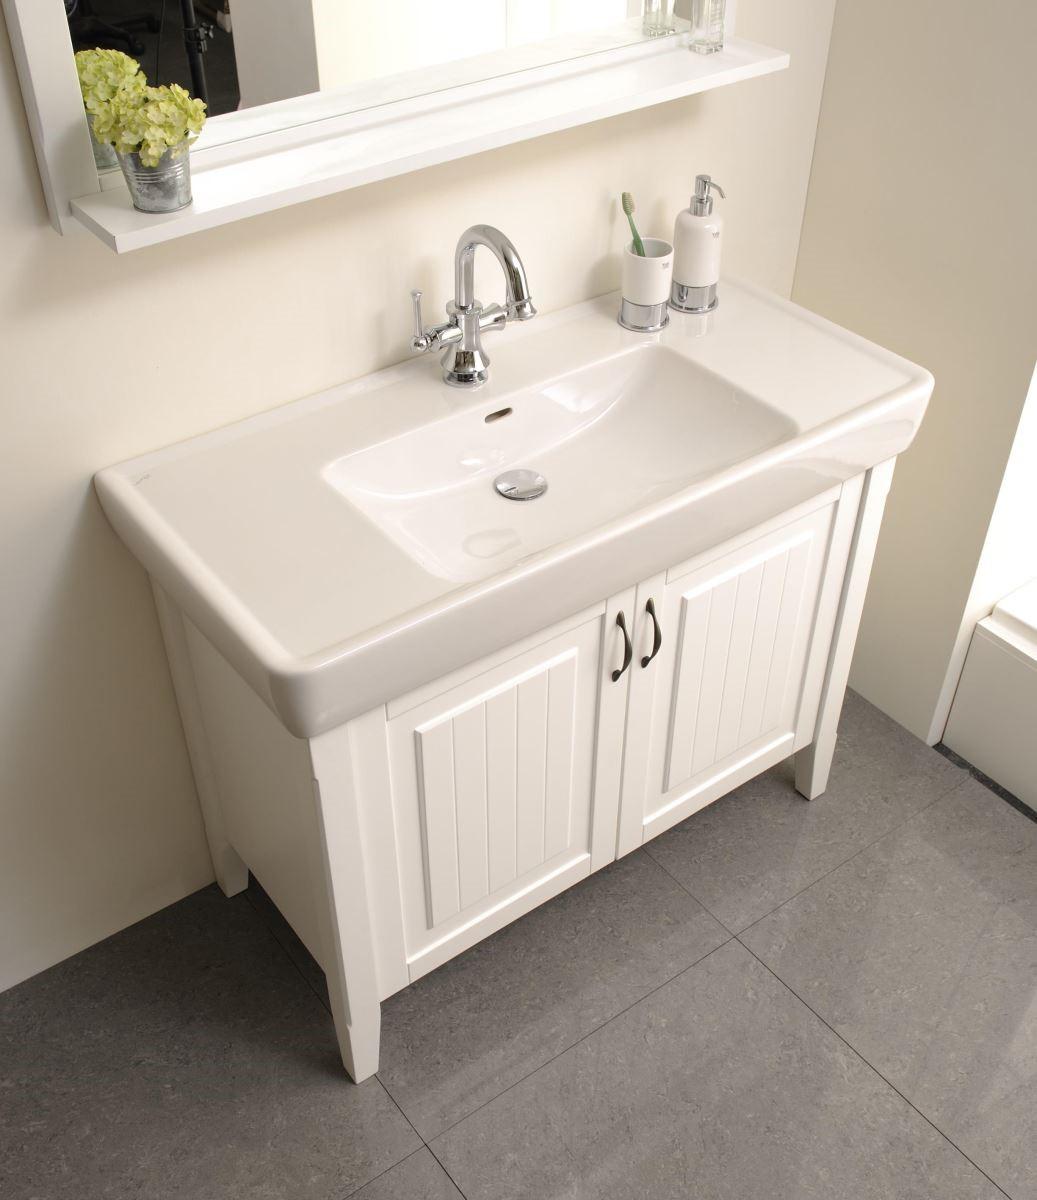 浴櫃結合防水材質,不再擔心家具因潮濕而變形、腐壞的問題。